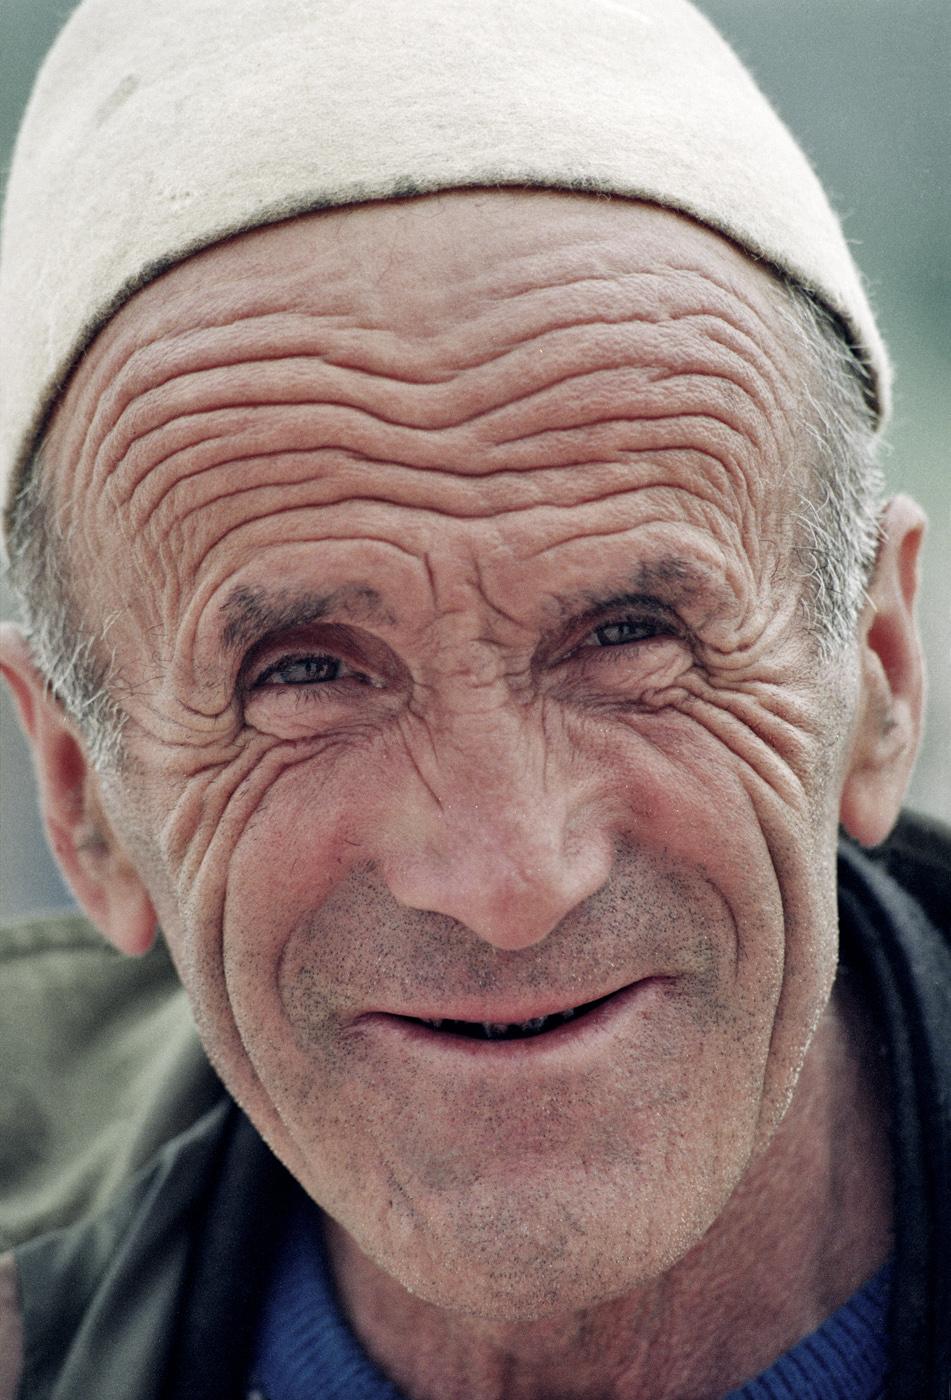 Kosovo-Flüchtling, 1999, Skopje, Mazedonien